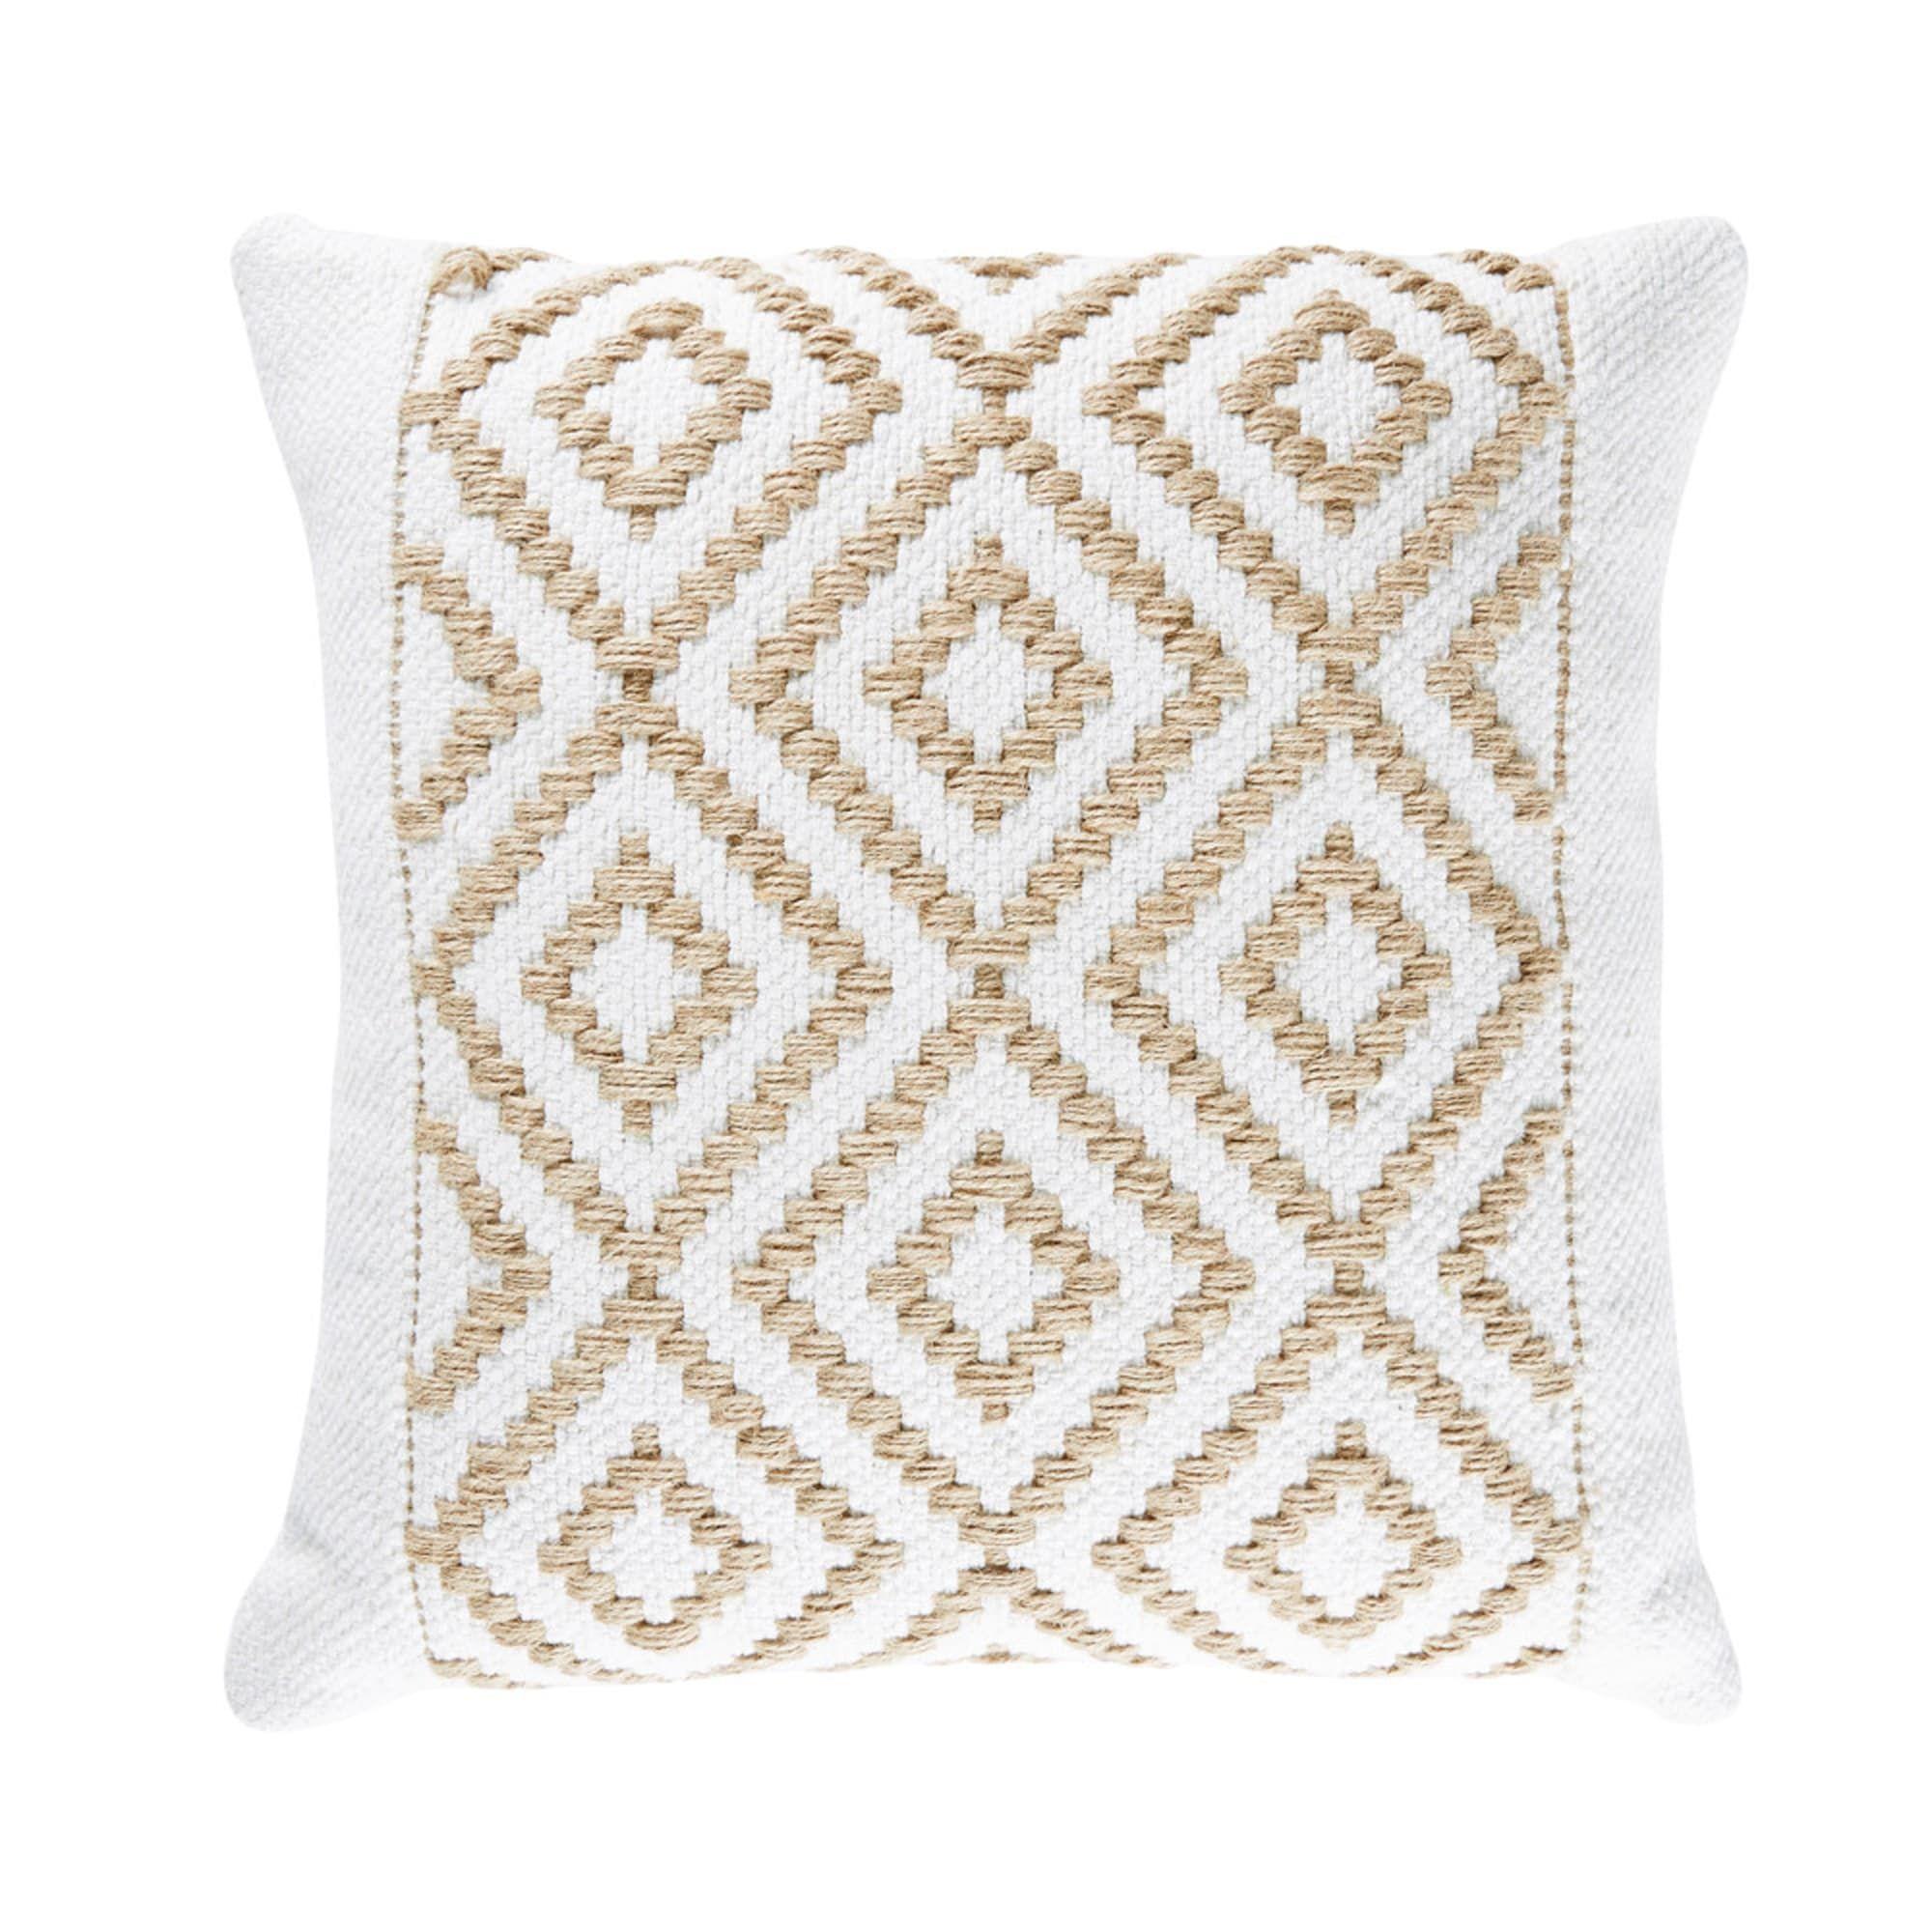 Beige Cotton Cushion With Beaded Graphic Motifs 25x40 Maisons Du Monde Coussin Beige Coussin Coussin Maison Du Monde